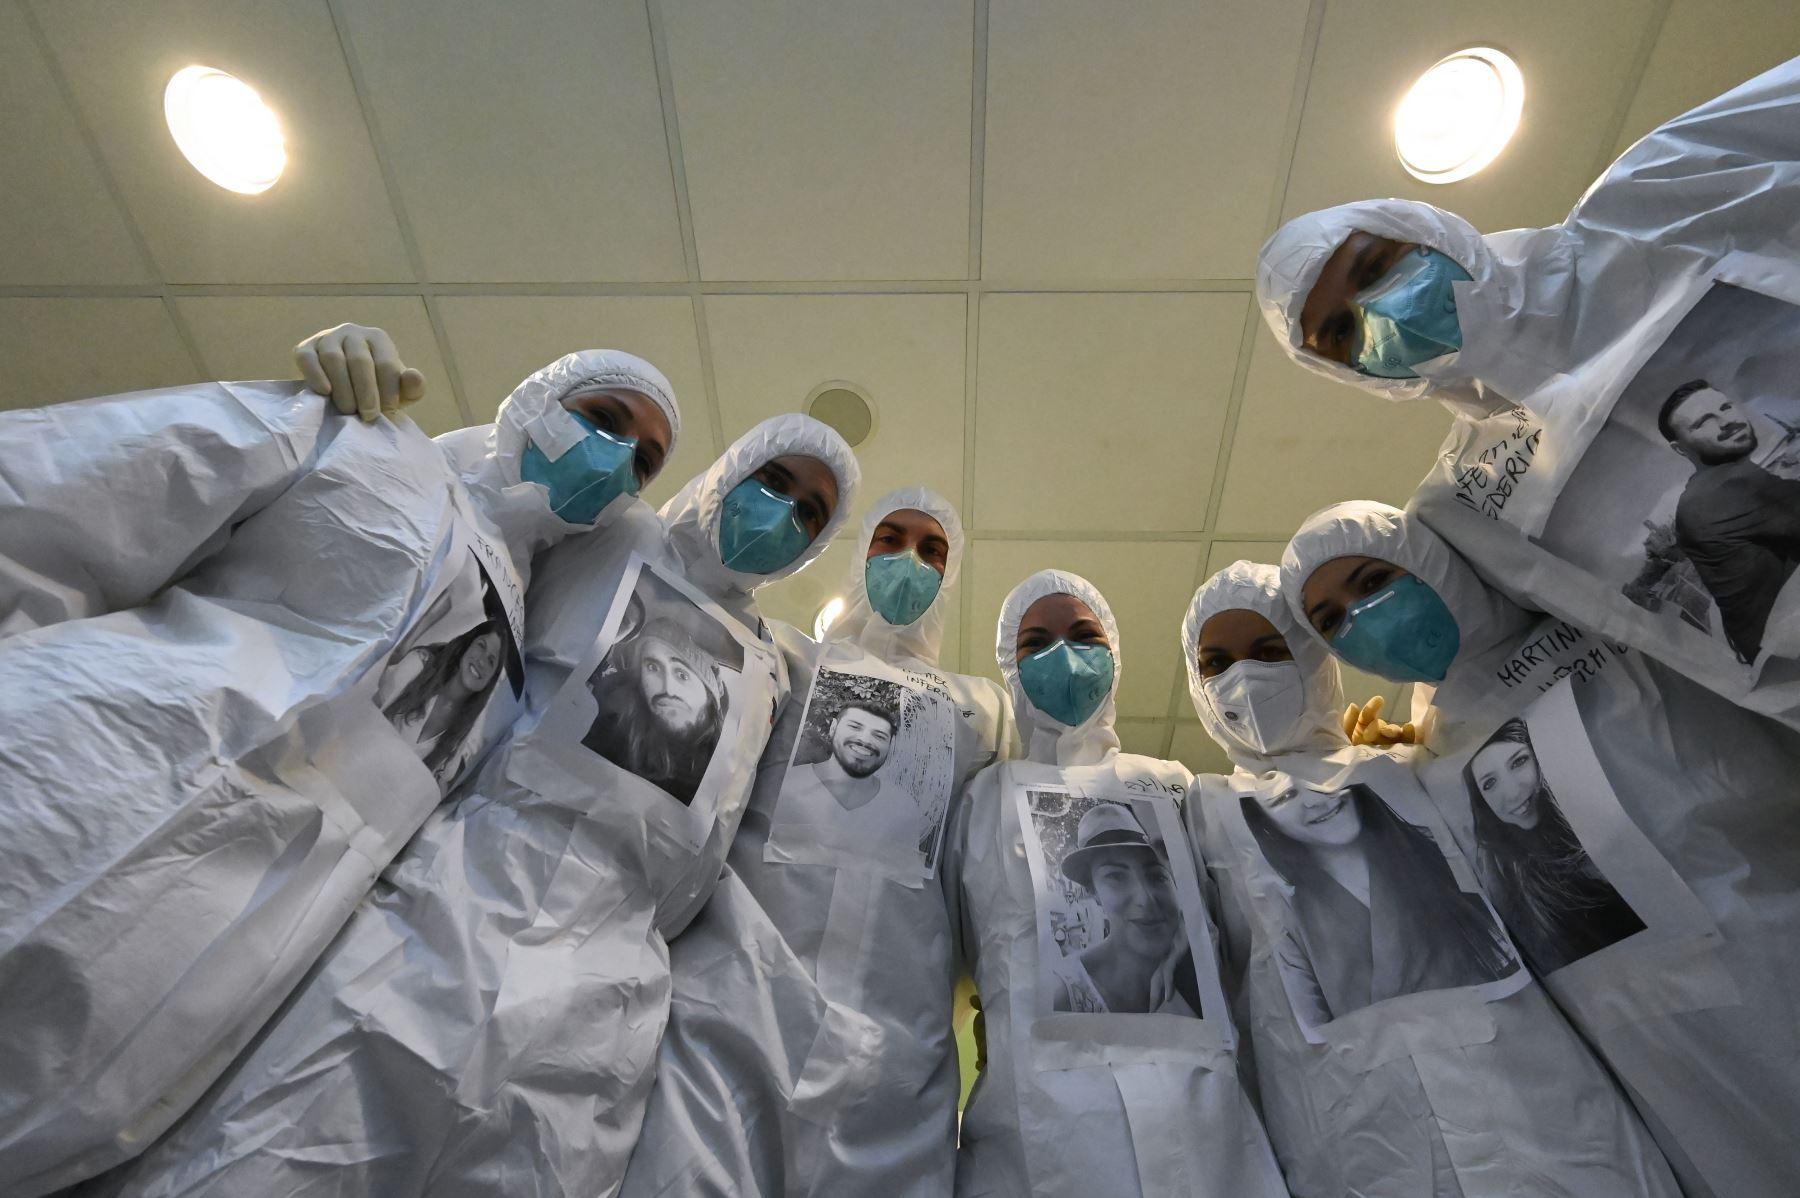 Los médicos y enfermeras de la UCI del hospital Santo Stefano usan equipos de protección con su rostro real, para ser reconocidos por los pacientes y tranquilizarlos. Foto: AFP